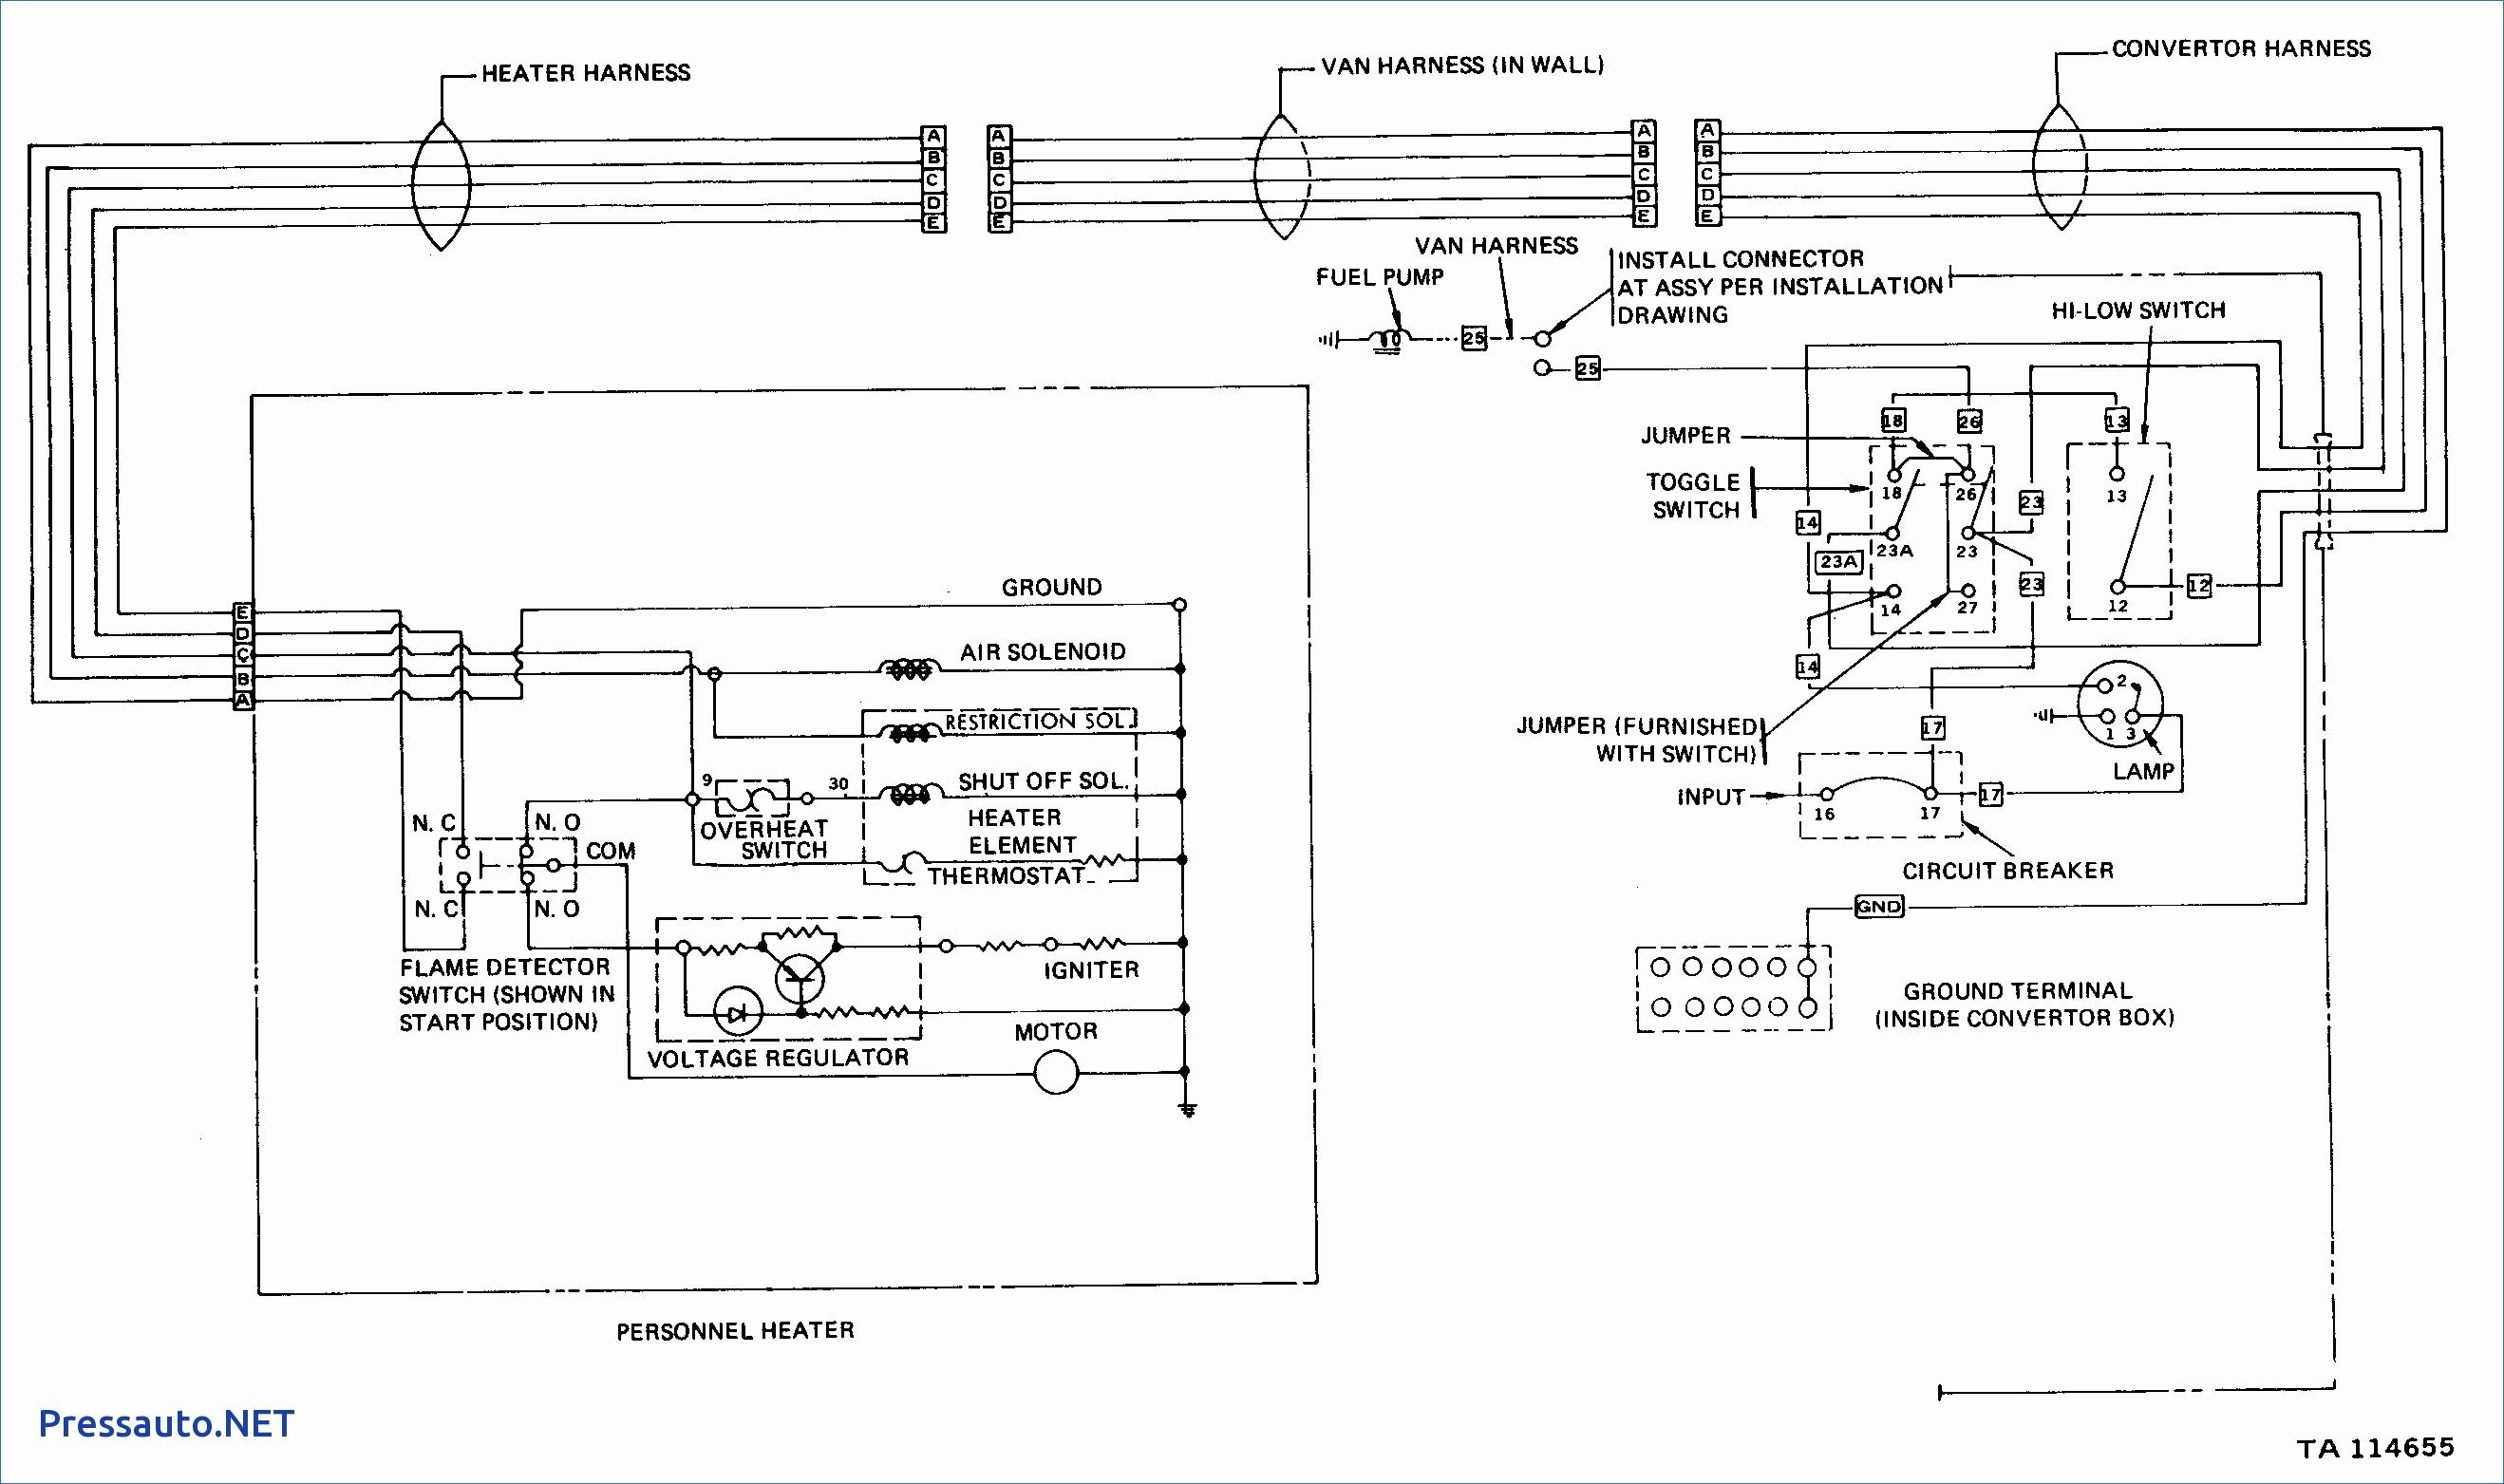 9 Elegant Vista 20P Wiring Diagram Pics | Simple Wiring Diagram - Vista 20P Wiring Diagram